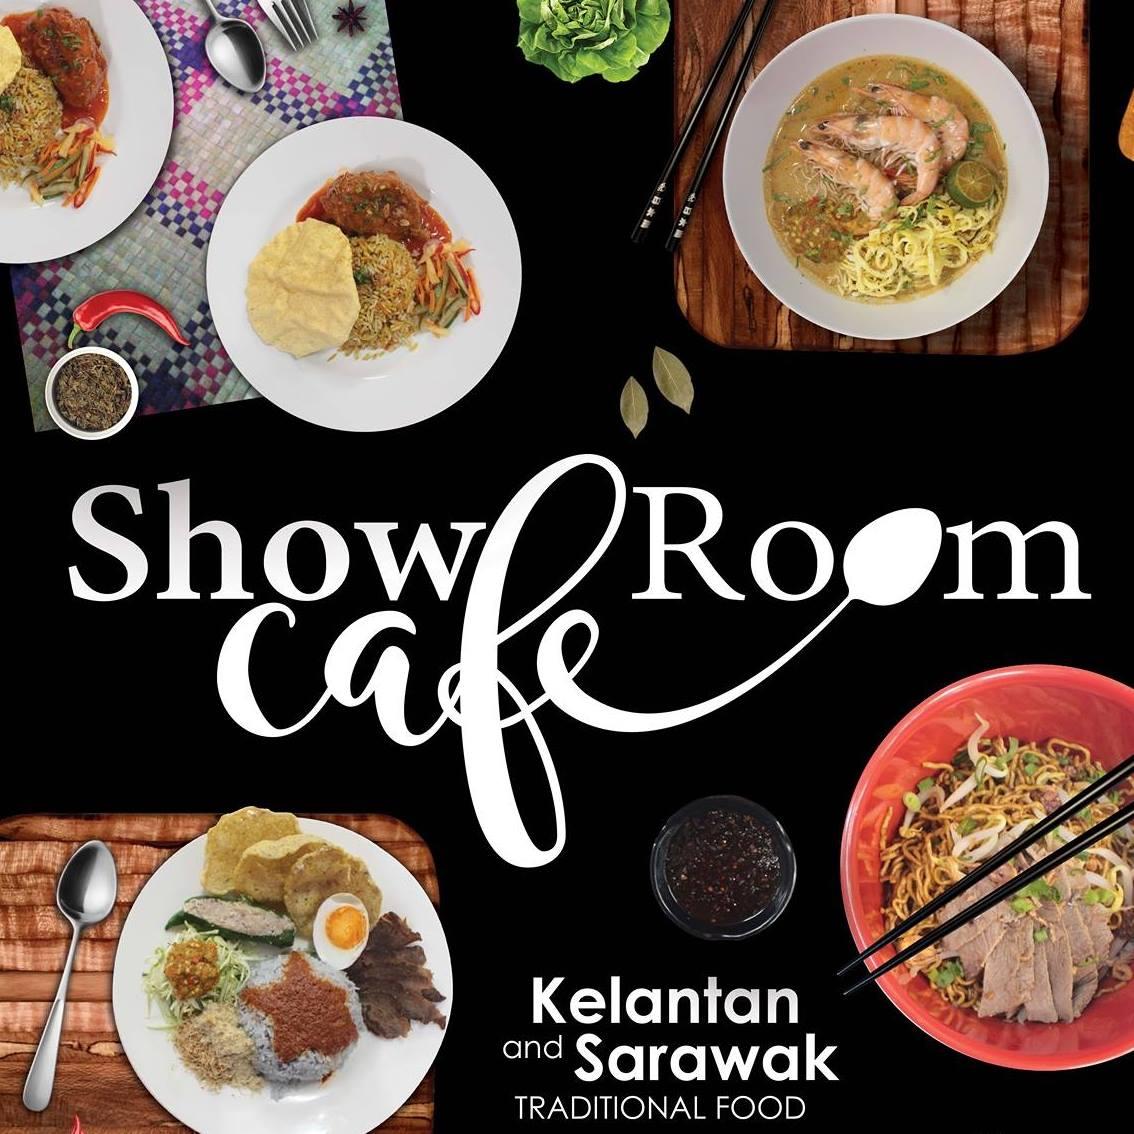 Showroom Cafe